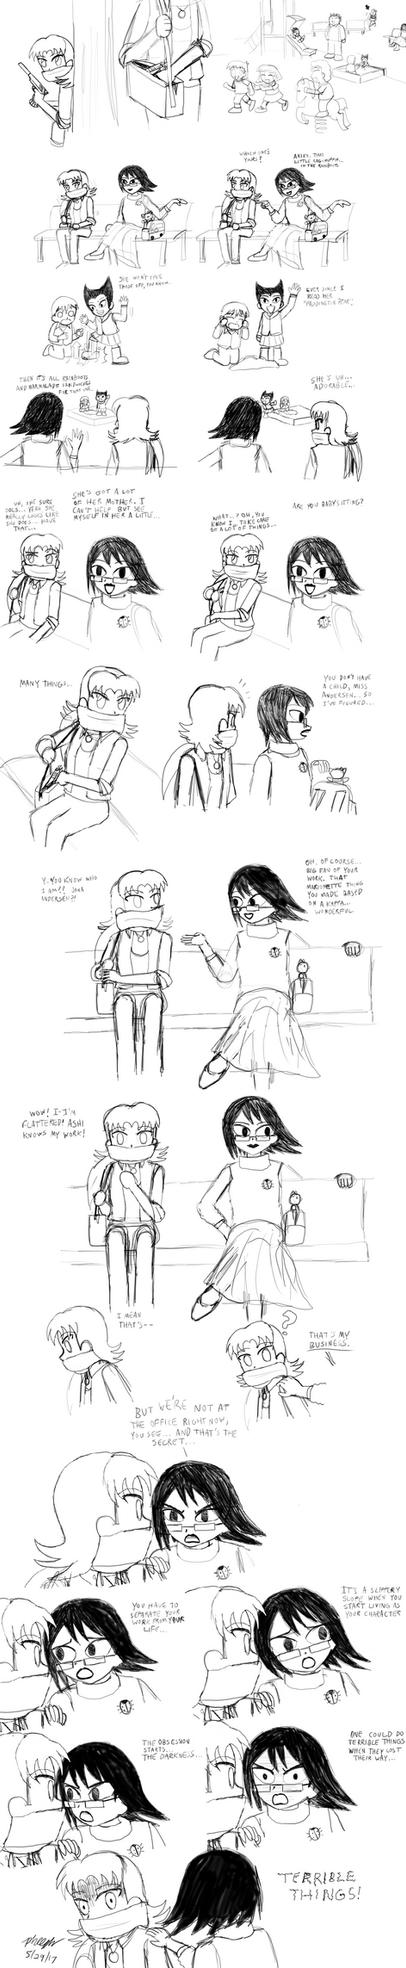 Parody Sketch by pheeph